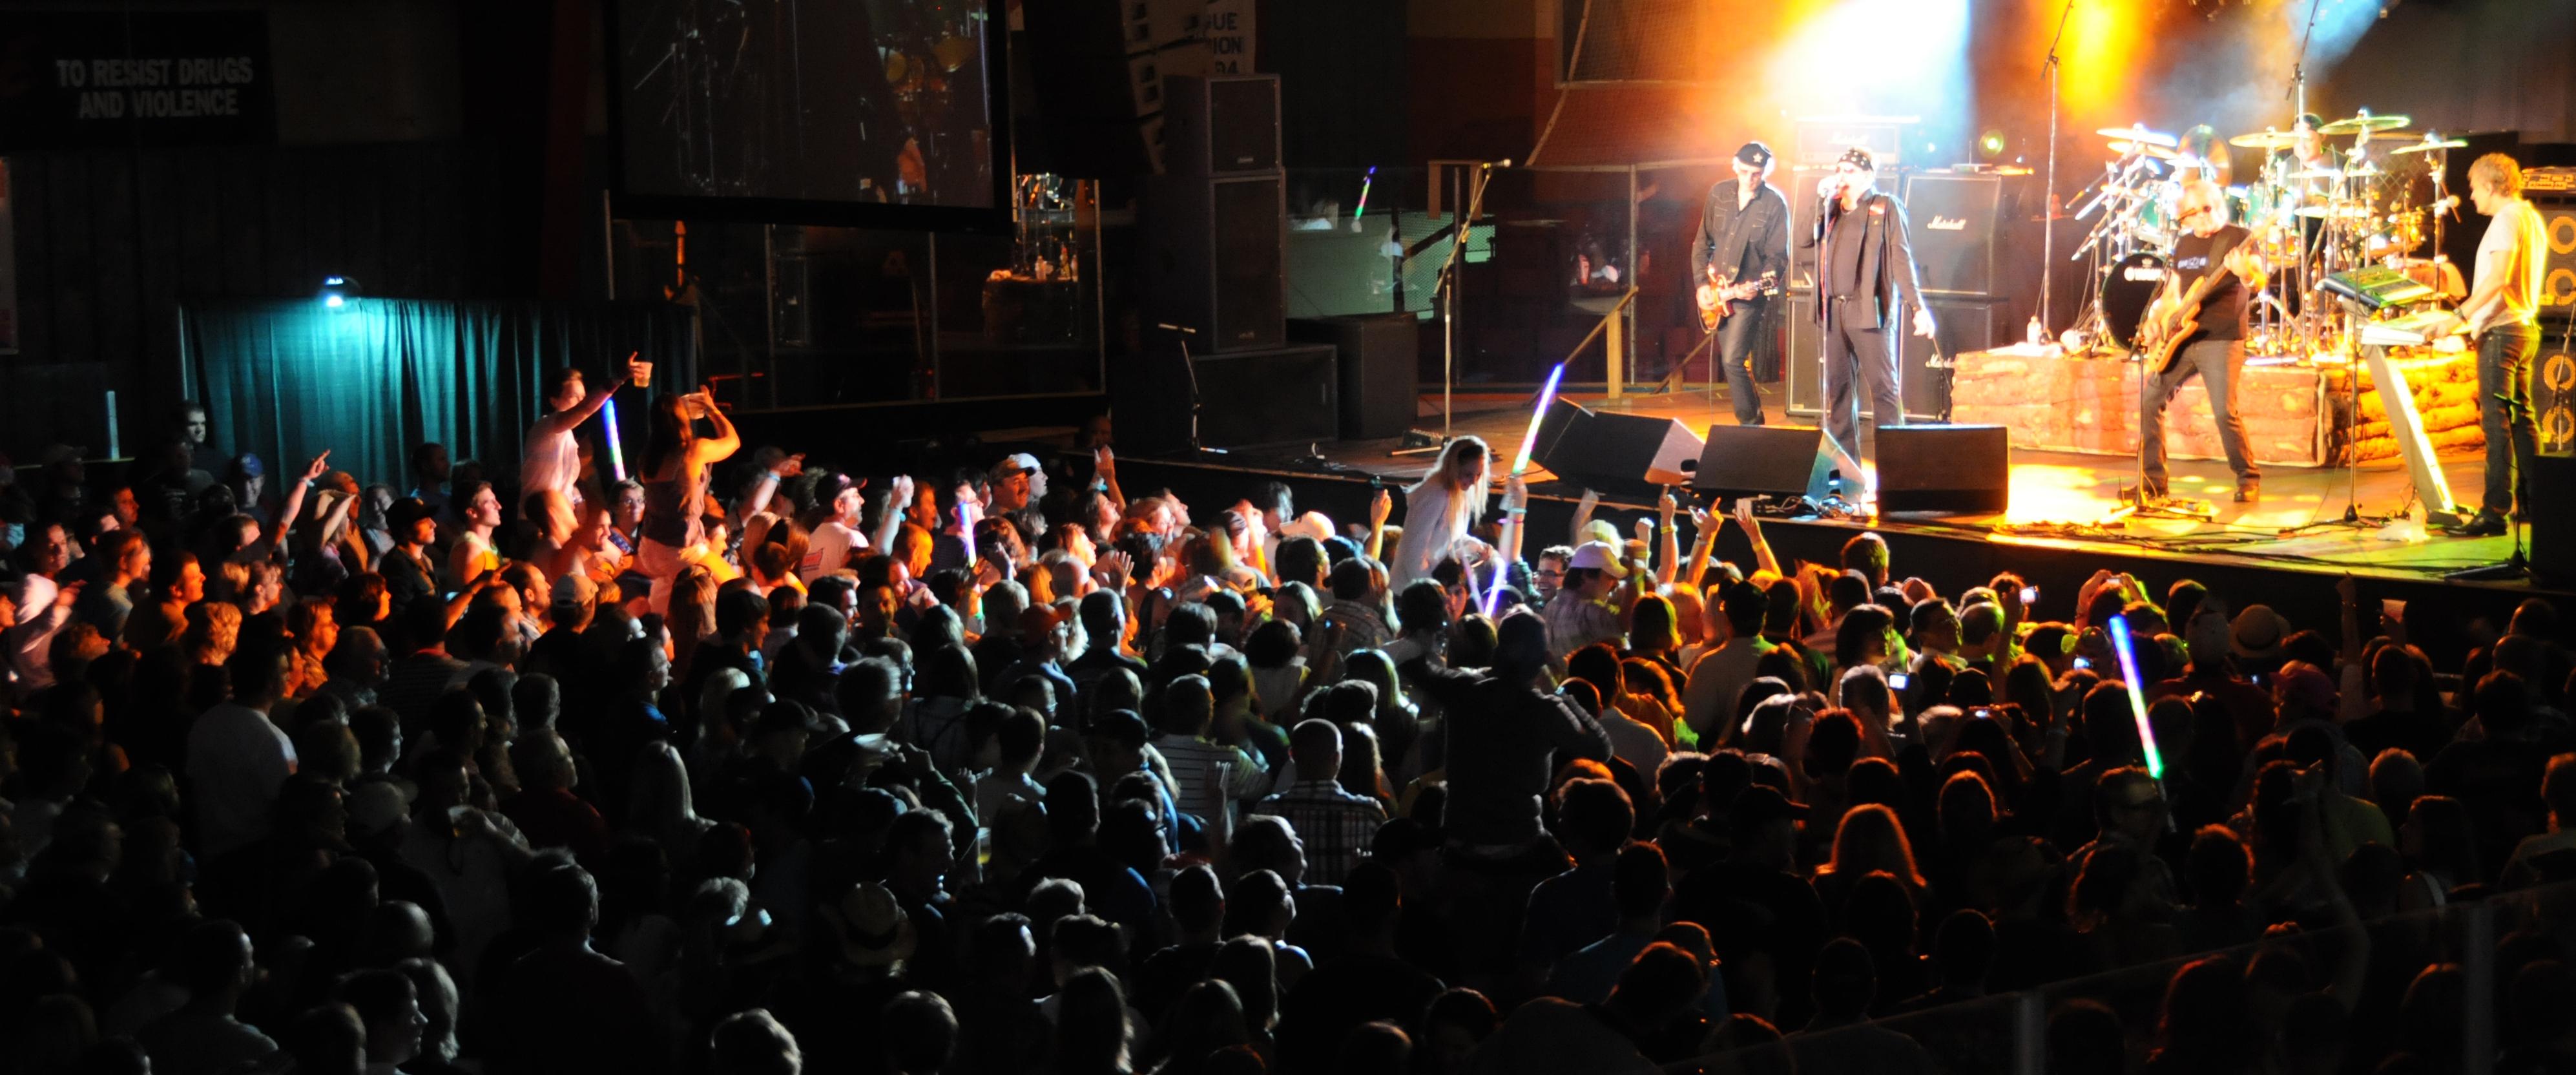 Festival de la St-Jean, festival des bûcherons... Ça fête! Photo : CDÉ de Kapuskasing